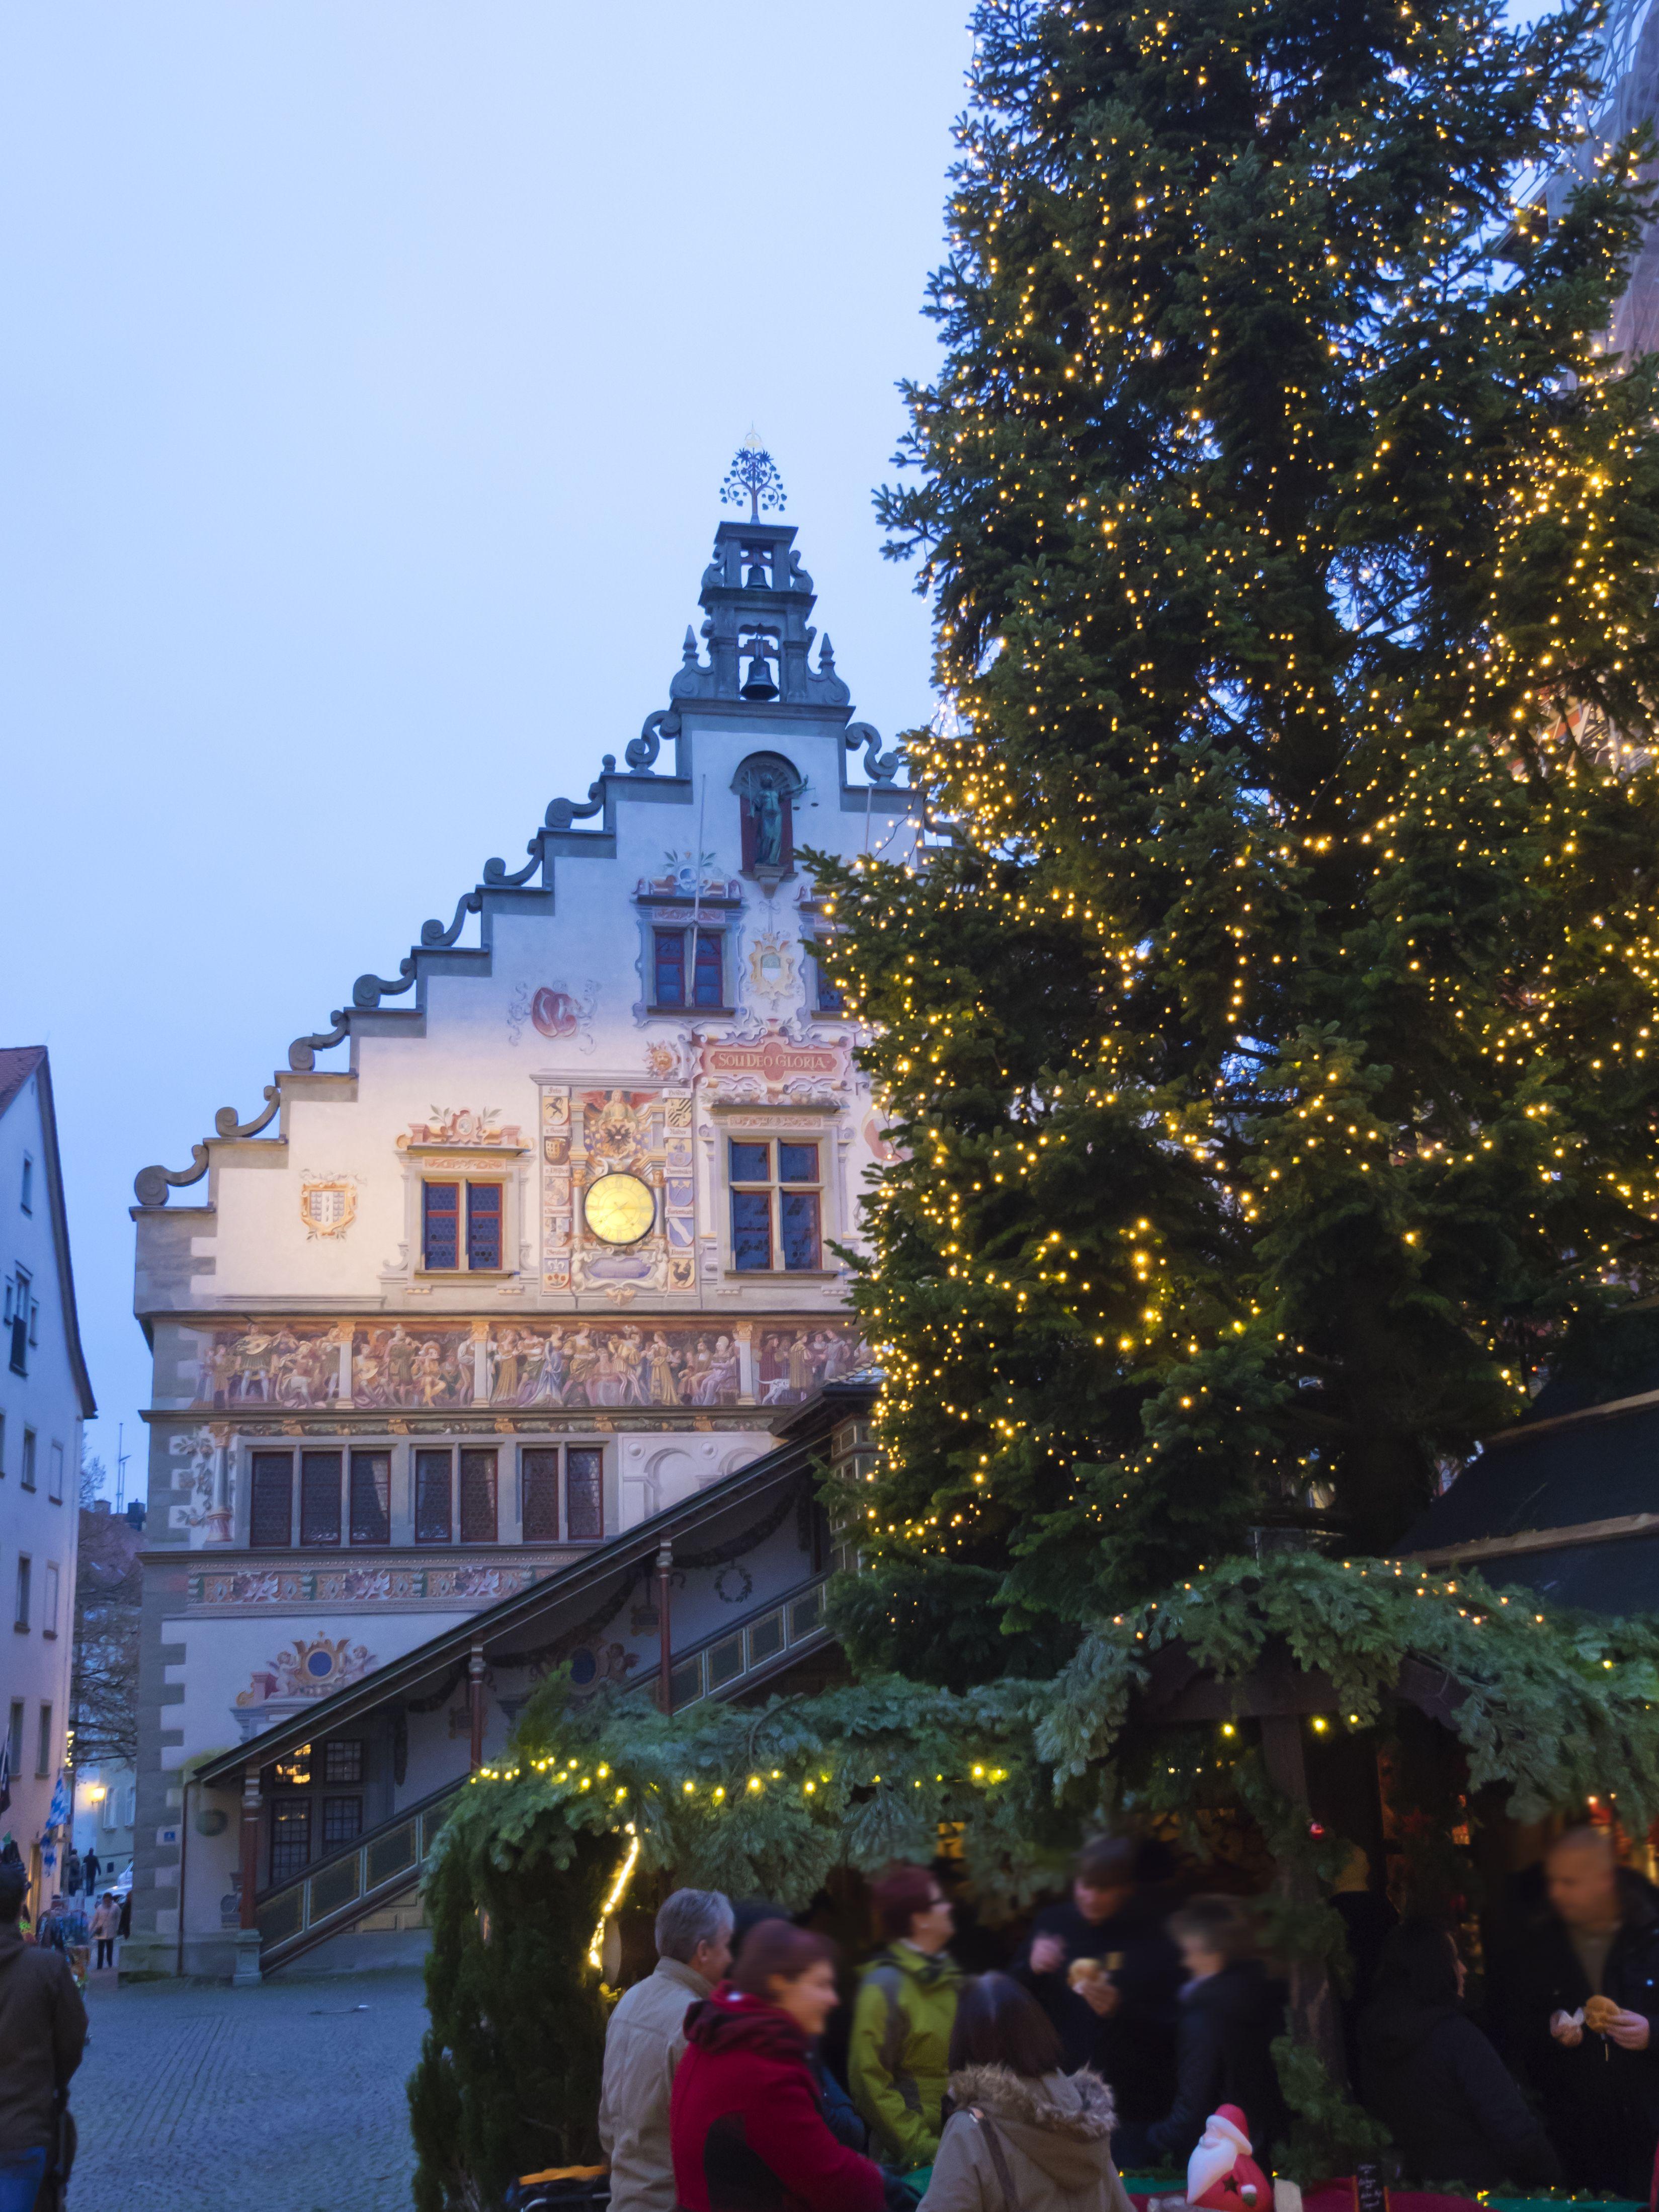 Lindau Weihnachtsmarkt.Weihnachtsmarkt Besuch In Lindau Am Bodensee Christmas Winter In